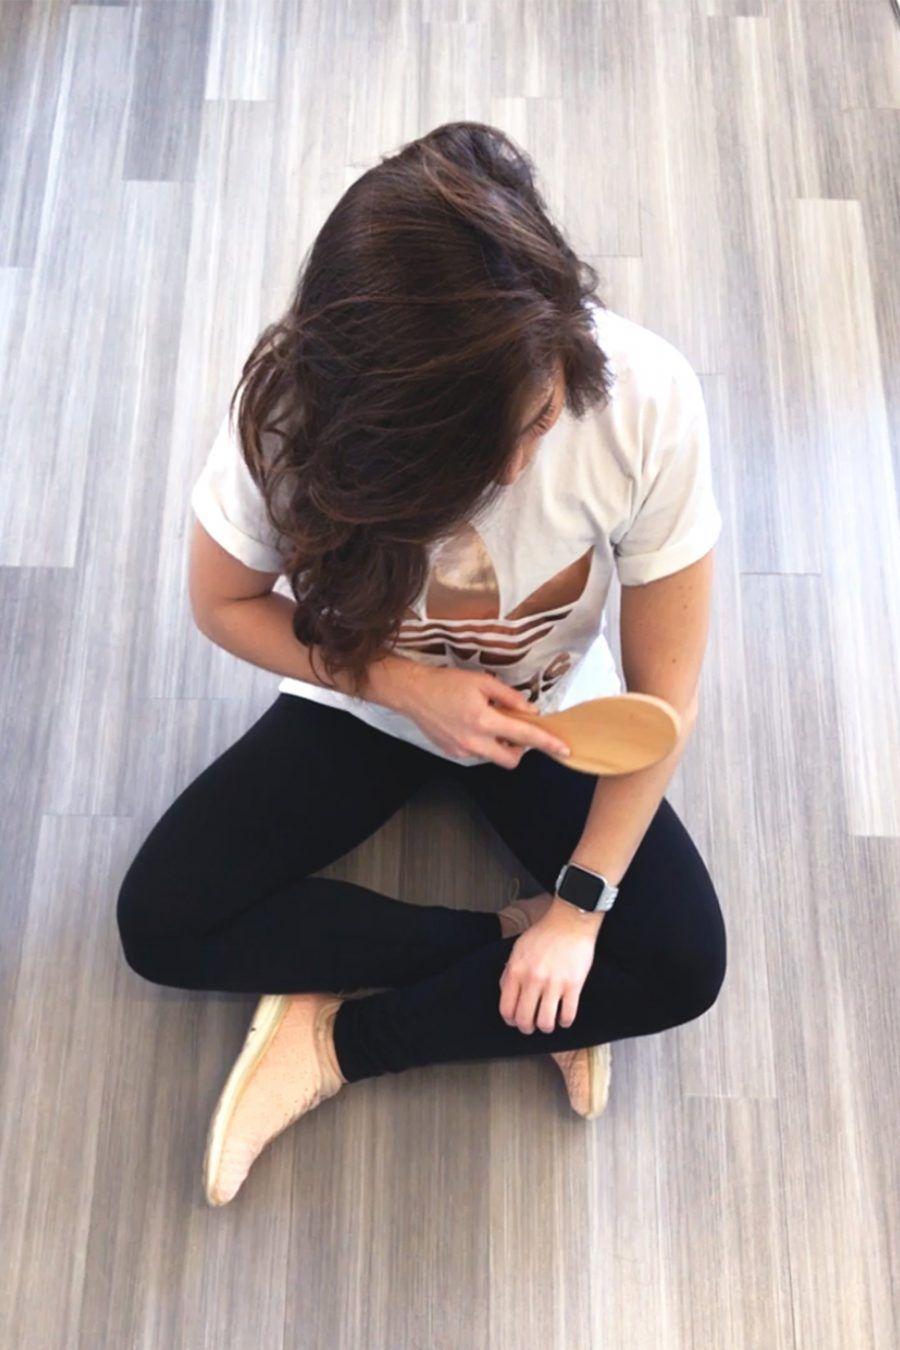 Esfoliare la pelle con una spazzola